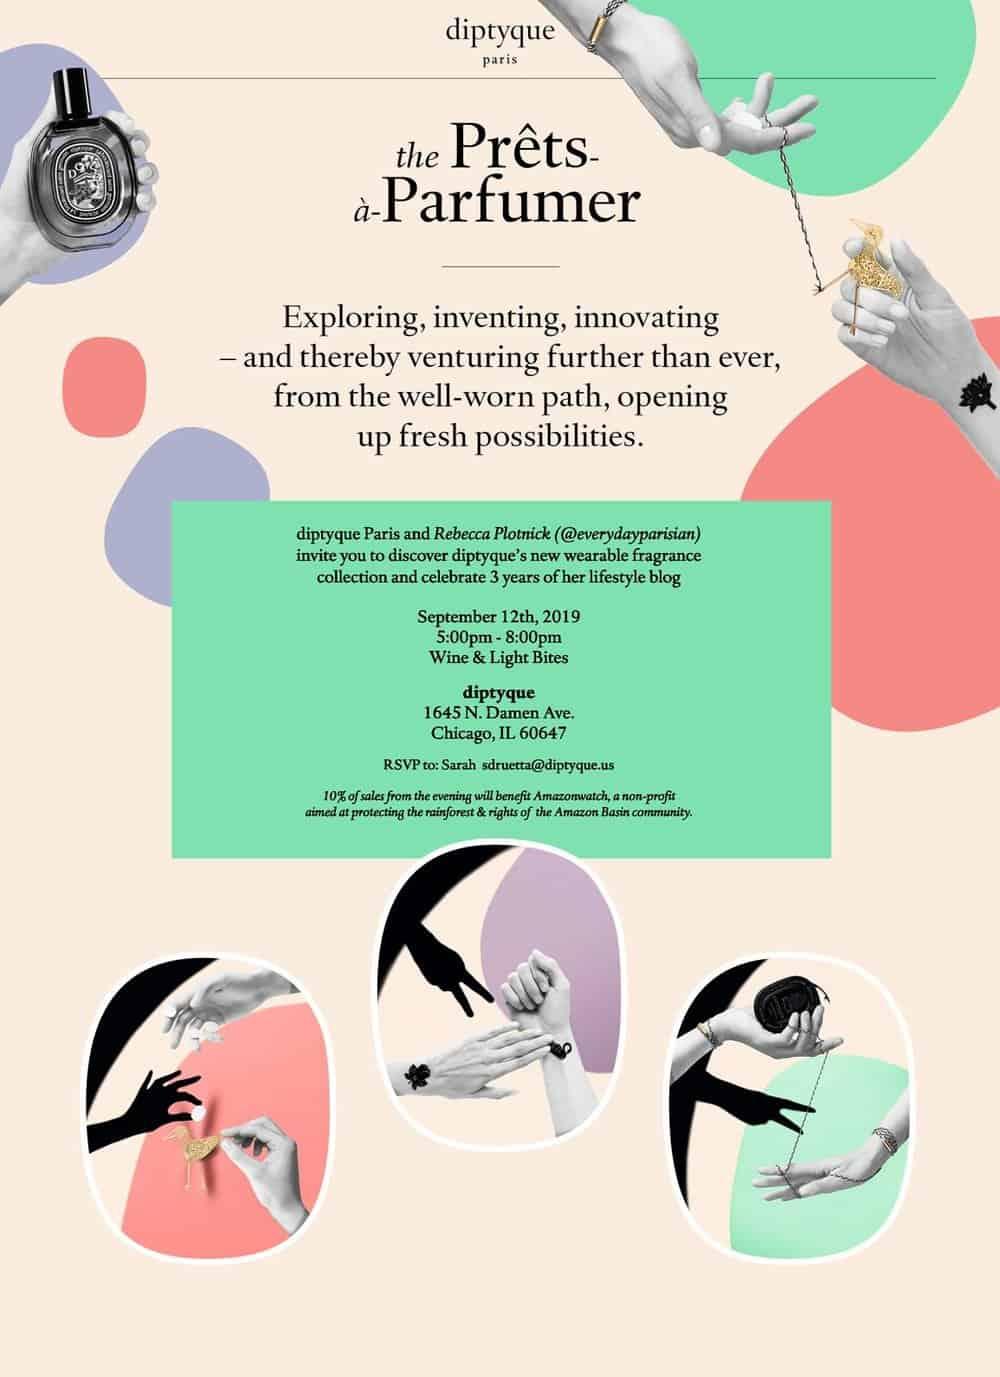 diptyque invite event chicago everyday parisian